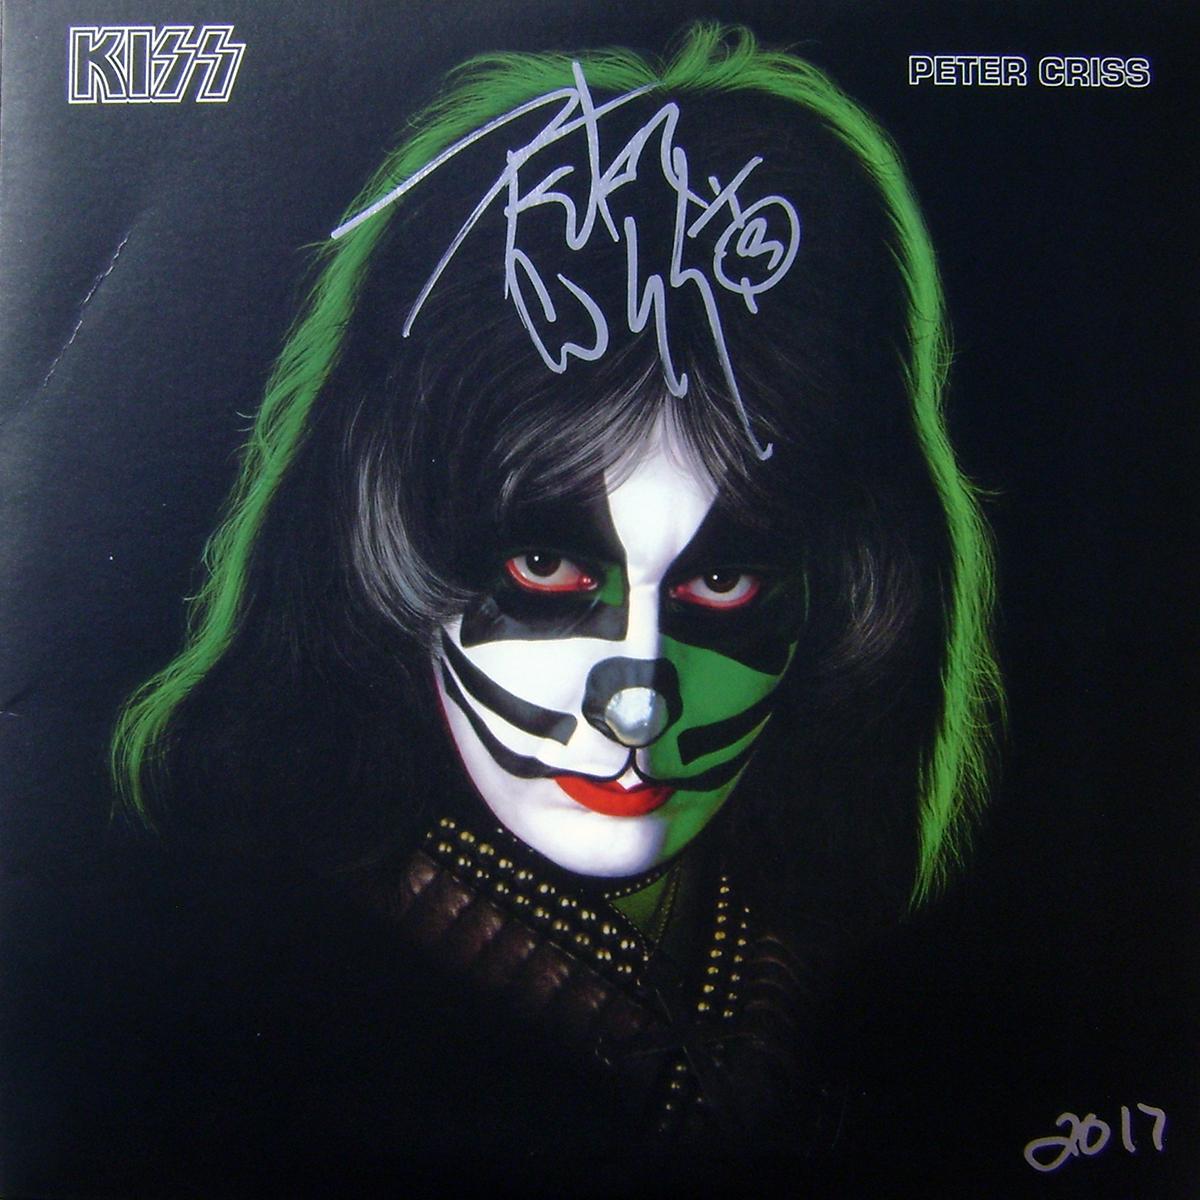 Peter Criss - Solo Album #2